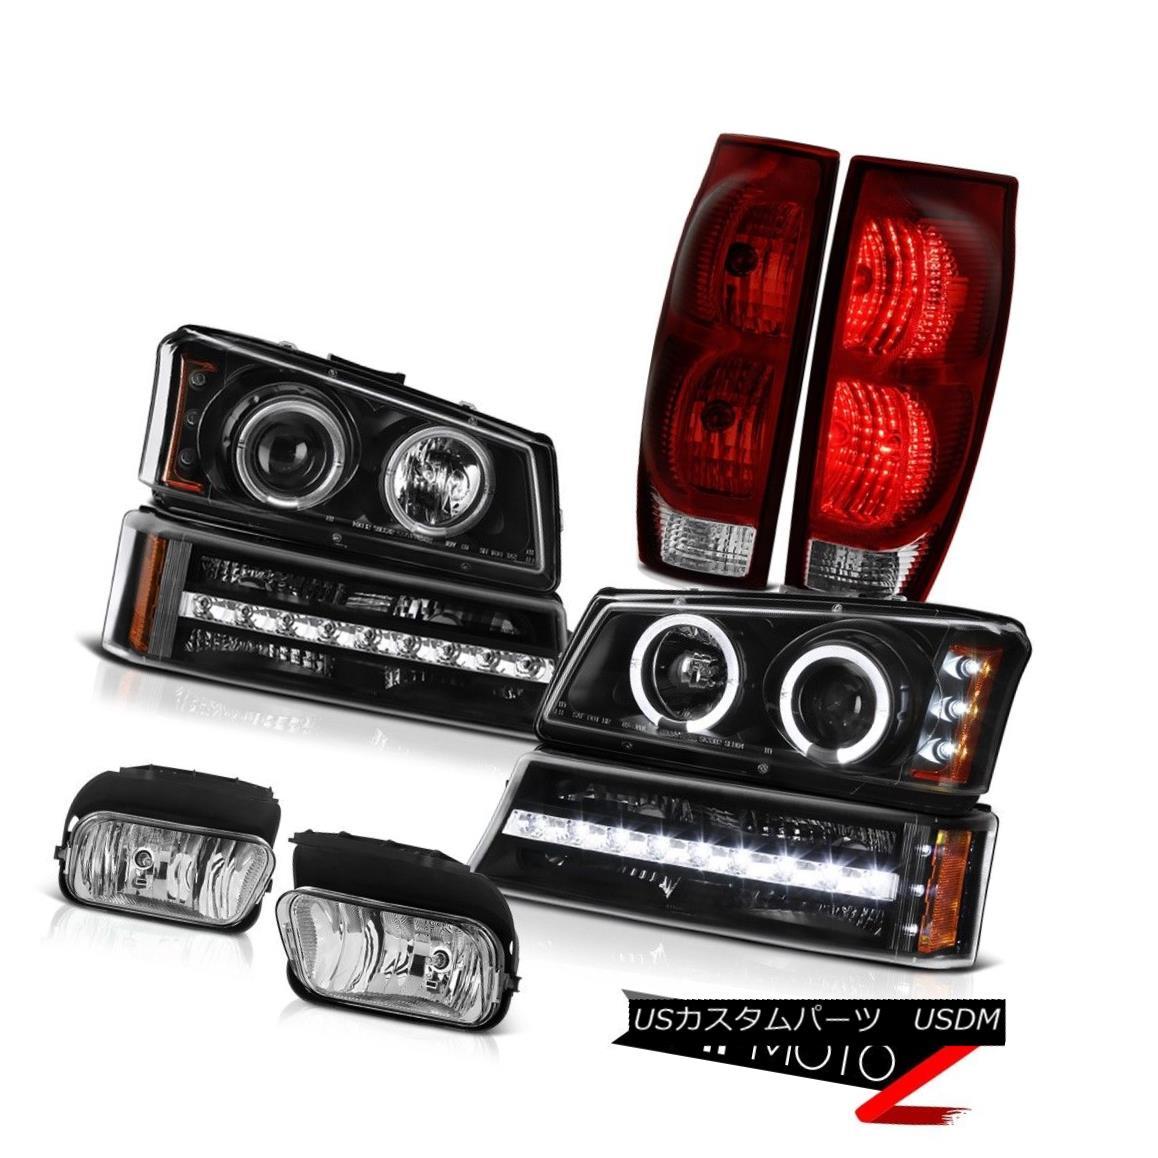 テールライト 03-06 Avalanche 1500 Fog Lights Tail Lamps Turn Signal Headlamps Factory Style 03-06雪崩1500霧のライトテールランプターンシグナルヘッドランプ工場のスタイル